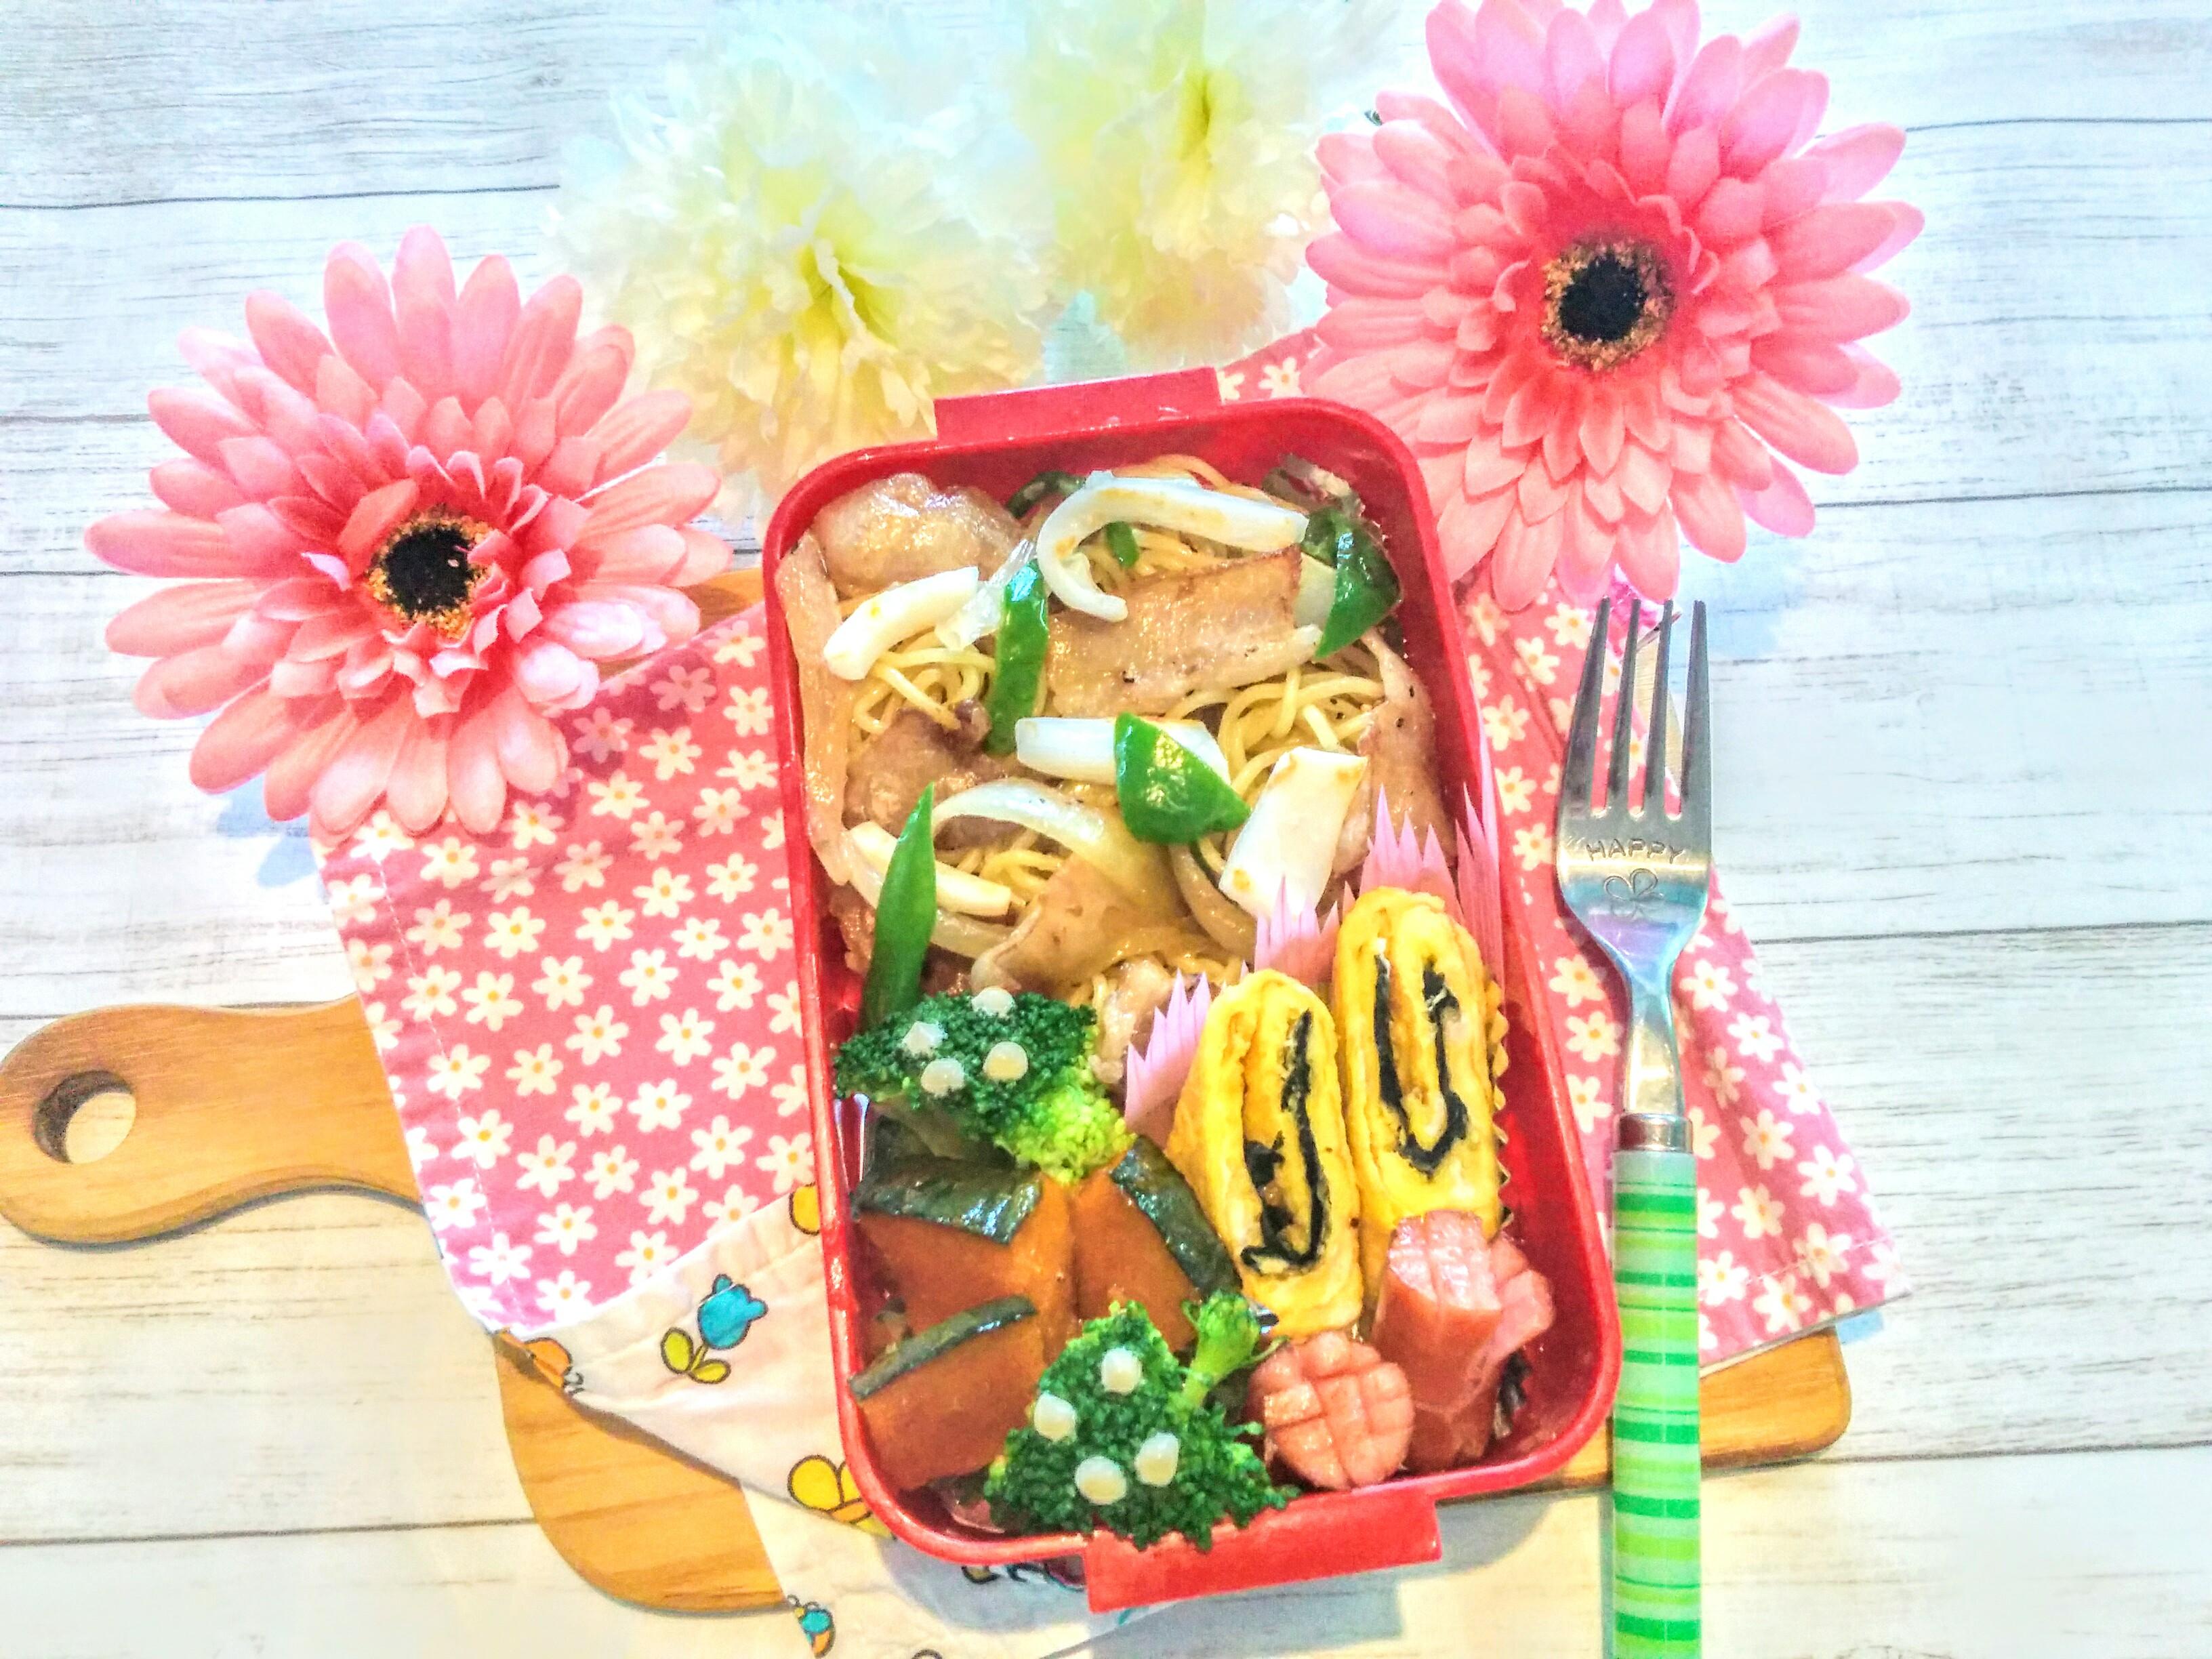 【小樽】娘の今日のお弁当・タイ風焼きそば弁当グルメ案内です。